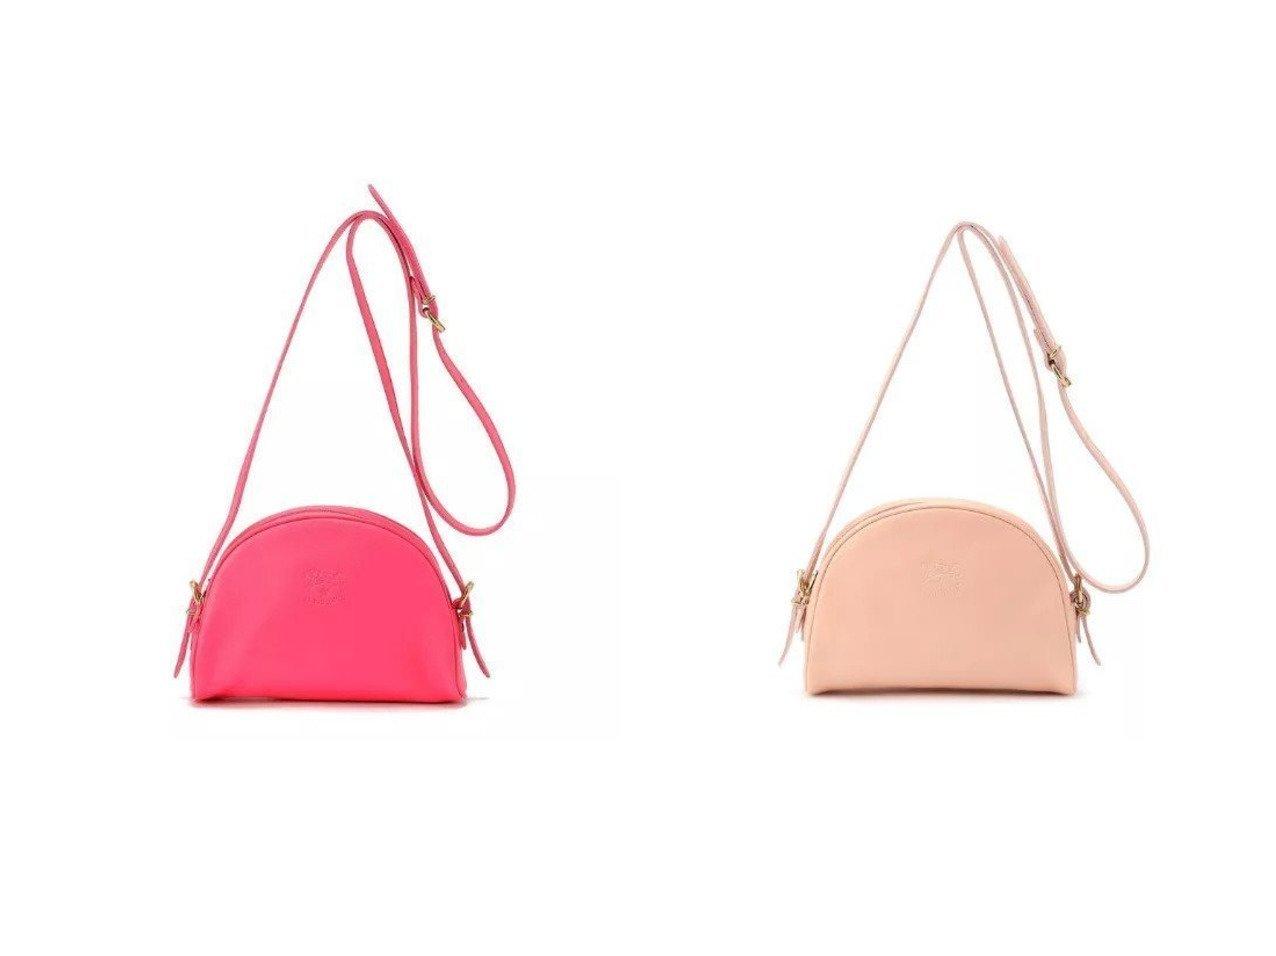 【IL BISONTE/イル ビゾンテ】のショルダーバッグ&ショルダーバッグ 【バッグ・鞄】おすすめ!人気、トレンド・レディースファッションの通販 おすすめで人気の流行・トレンド、ファッションの通販商品 インテリア・家具・メンズファッション・キッズファッション・レディースファッション・服の通販 founy(ファニー) https://founy.com/ ファッション Fashion レディースファッション WOMEN バッグ Bag ジップ フォルム ワイド |ID:crp329100000067745